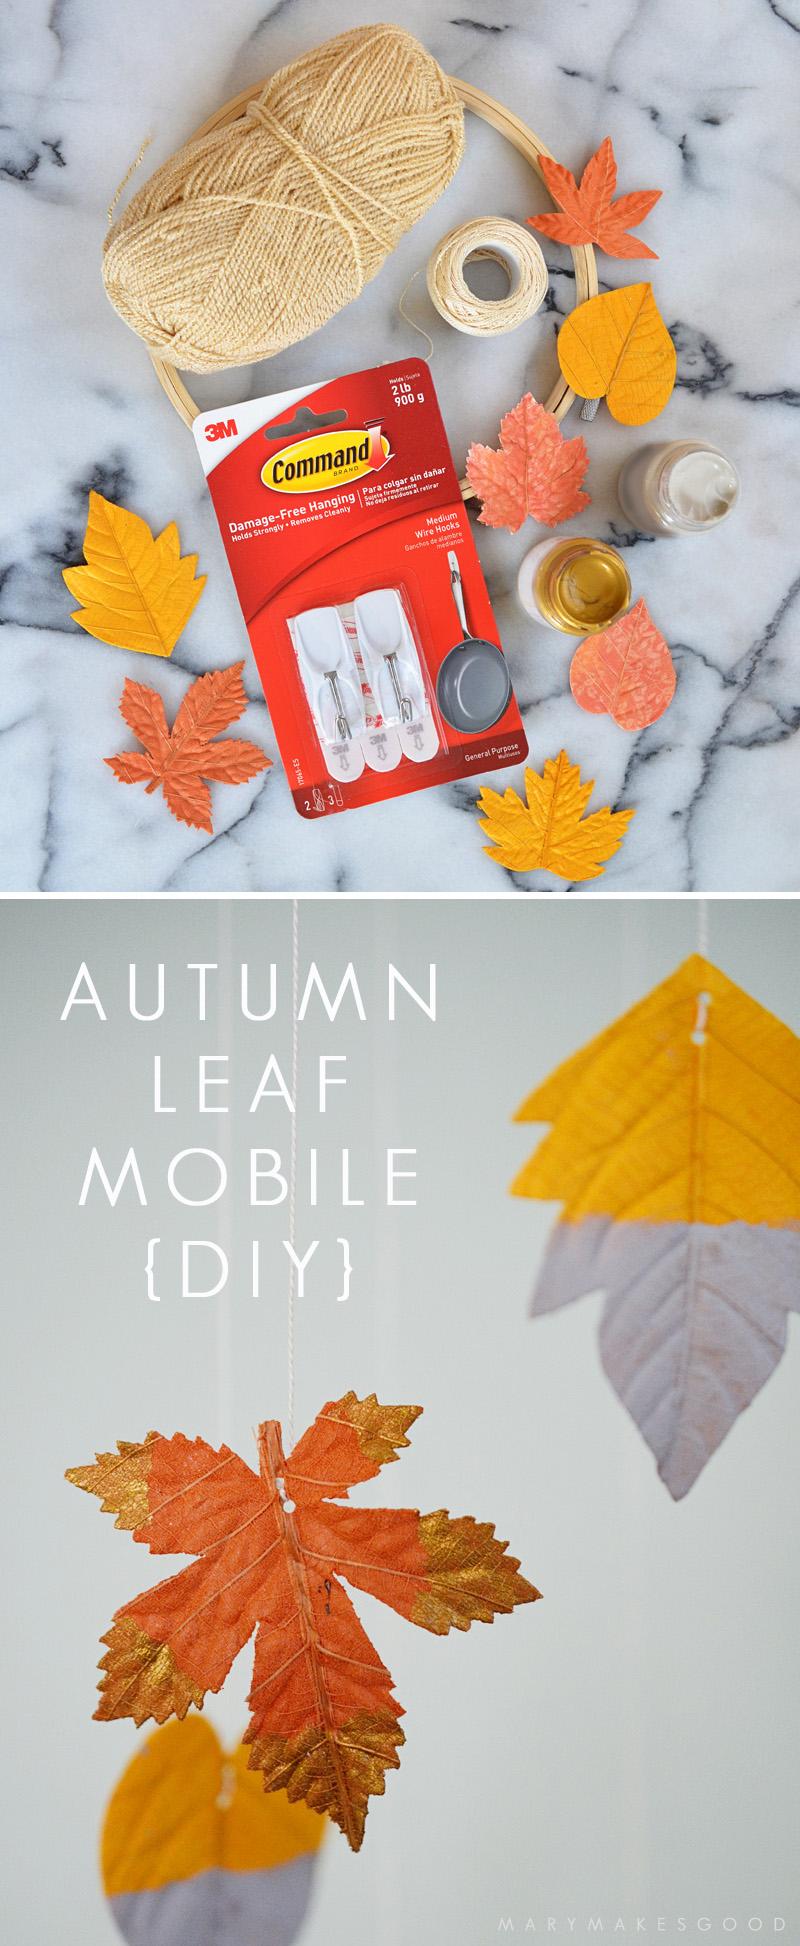 Autumn Leaf Mobile Title